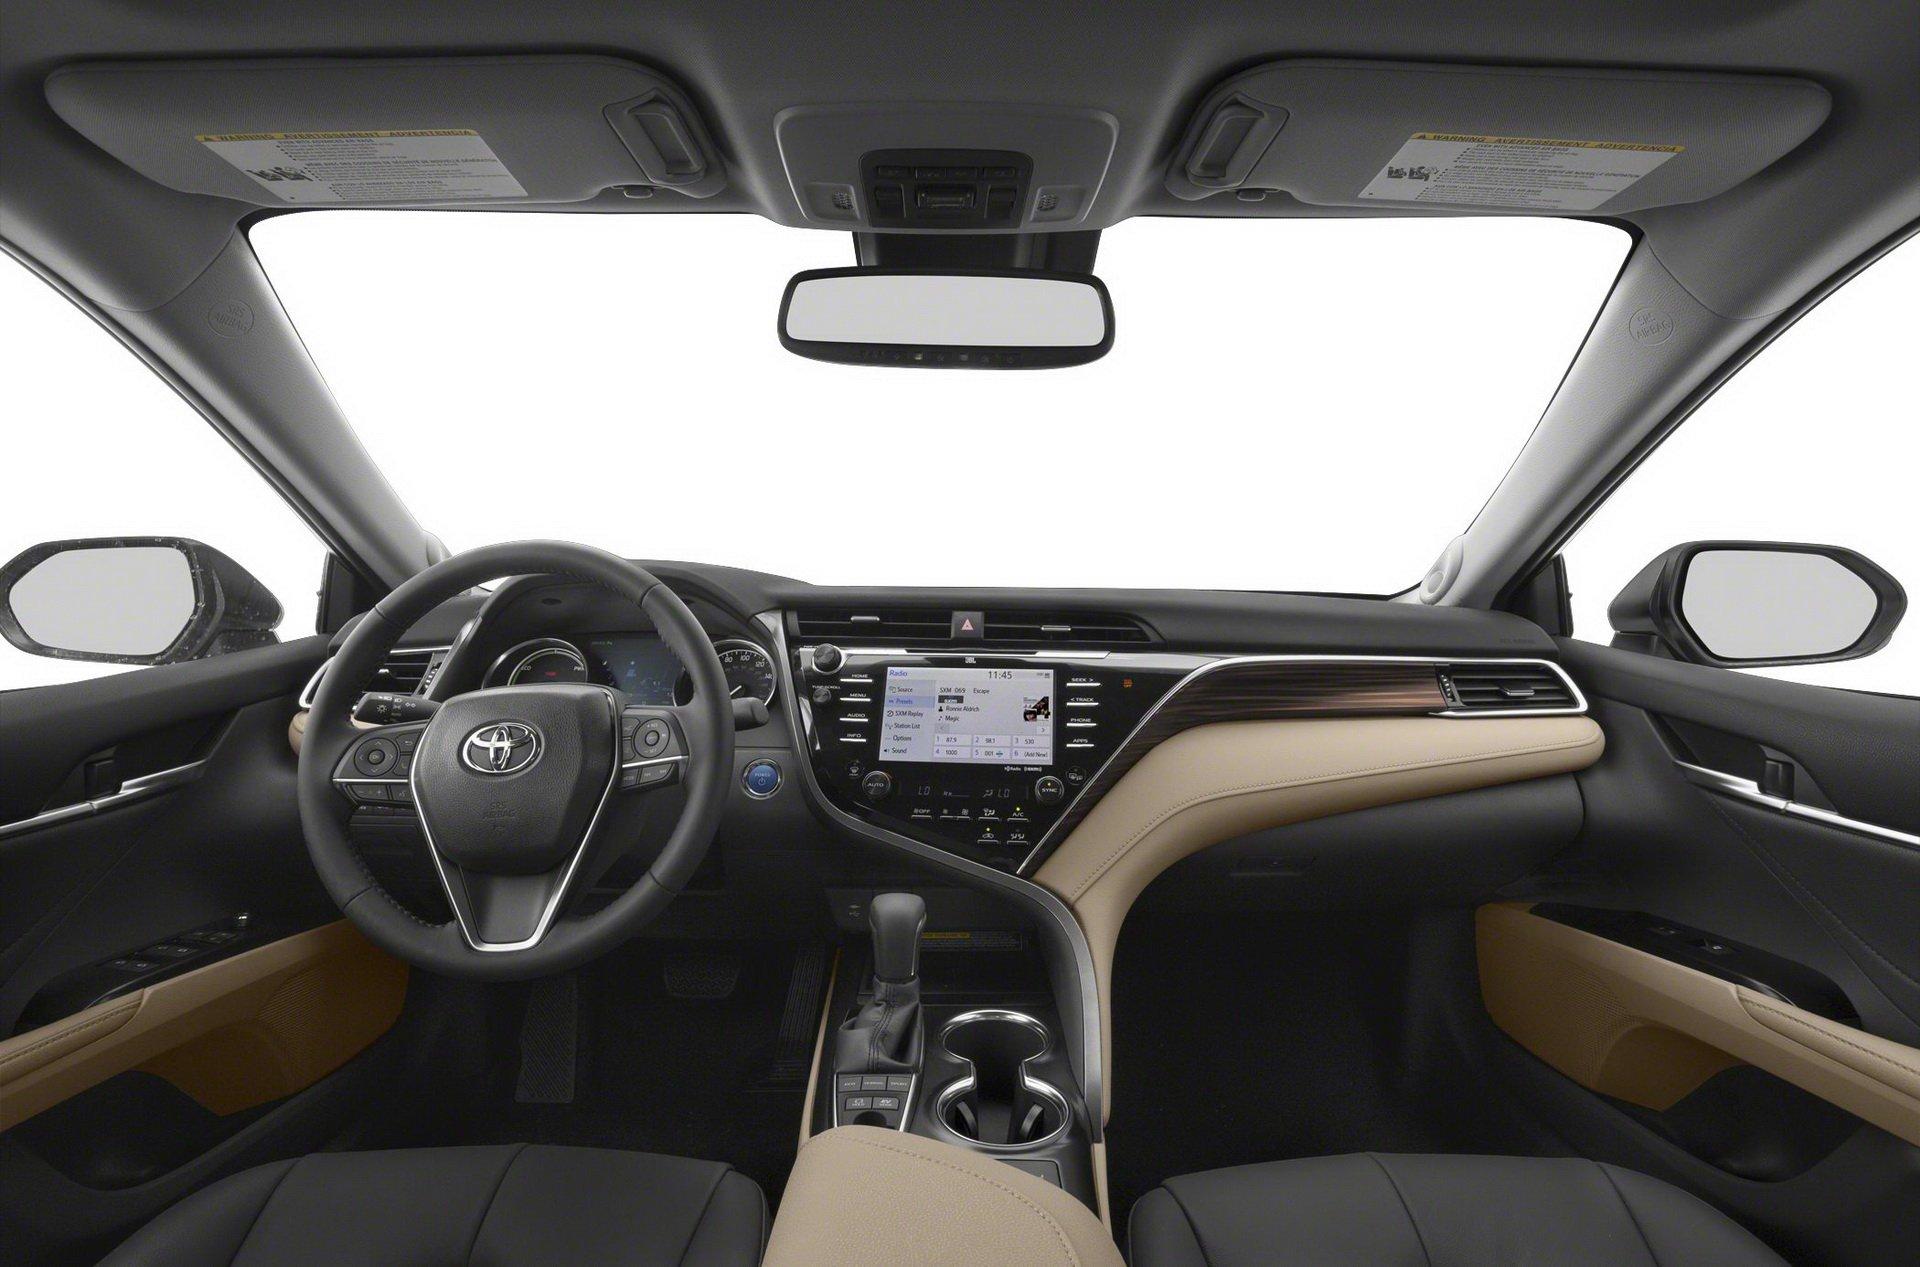 El Toyota Camry vuelve a Europa: Ocupando el hueco dejado por el Avensis